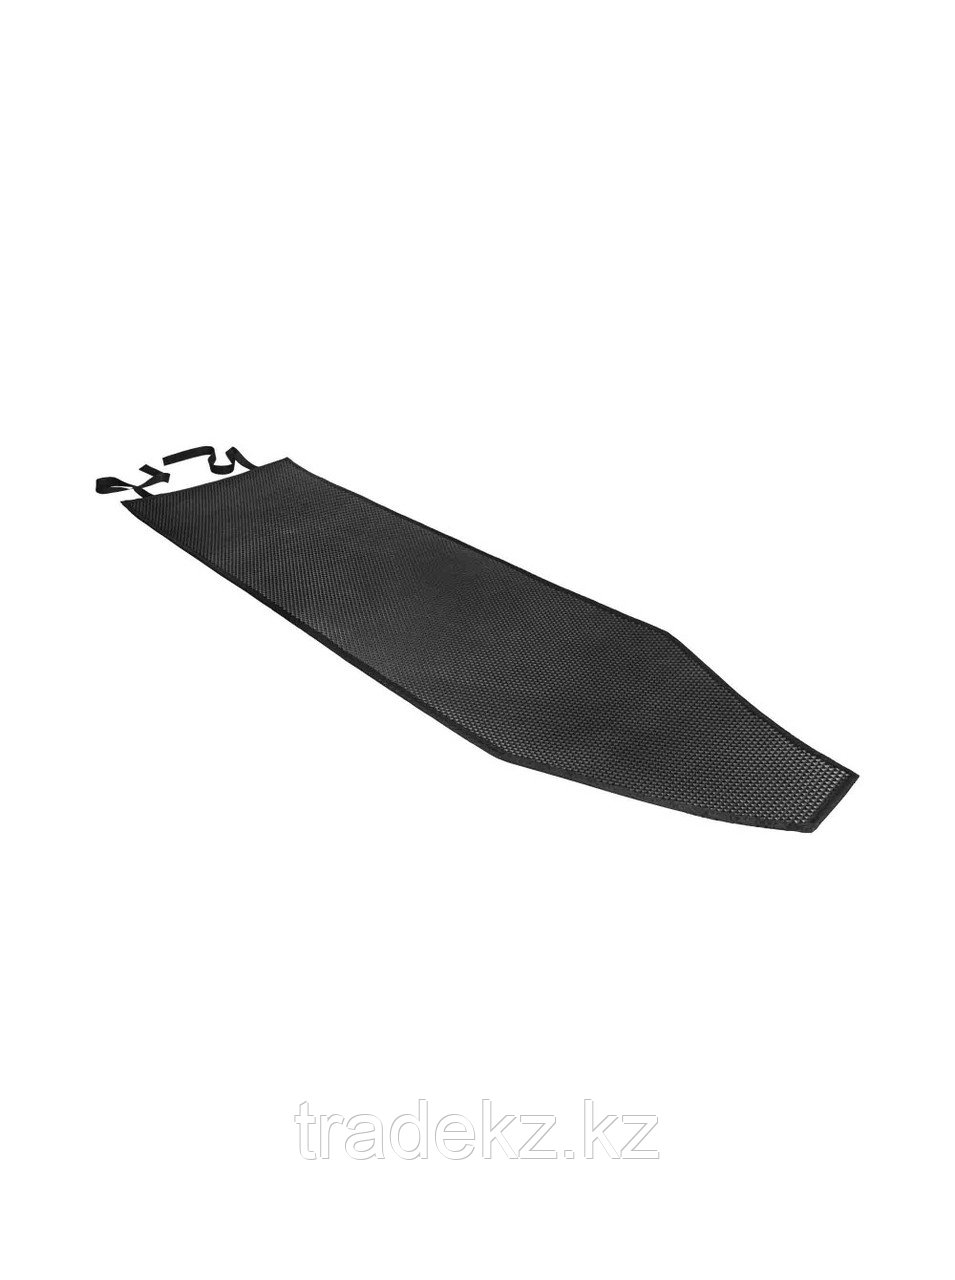 Коврик ЭВА EVA Standart по форме дна для лодки АКВА 3600 НДНД